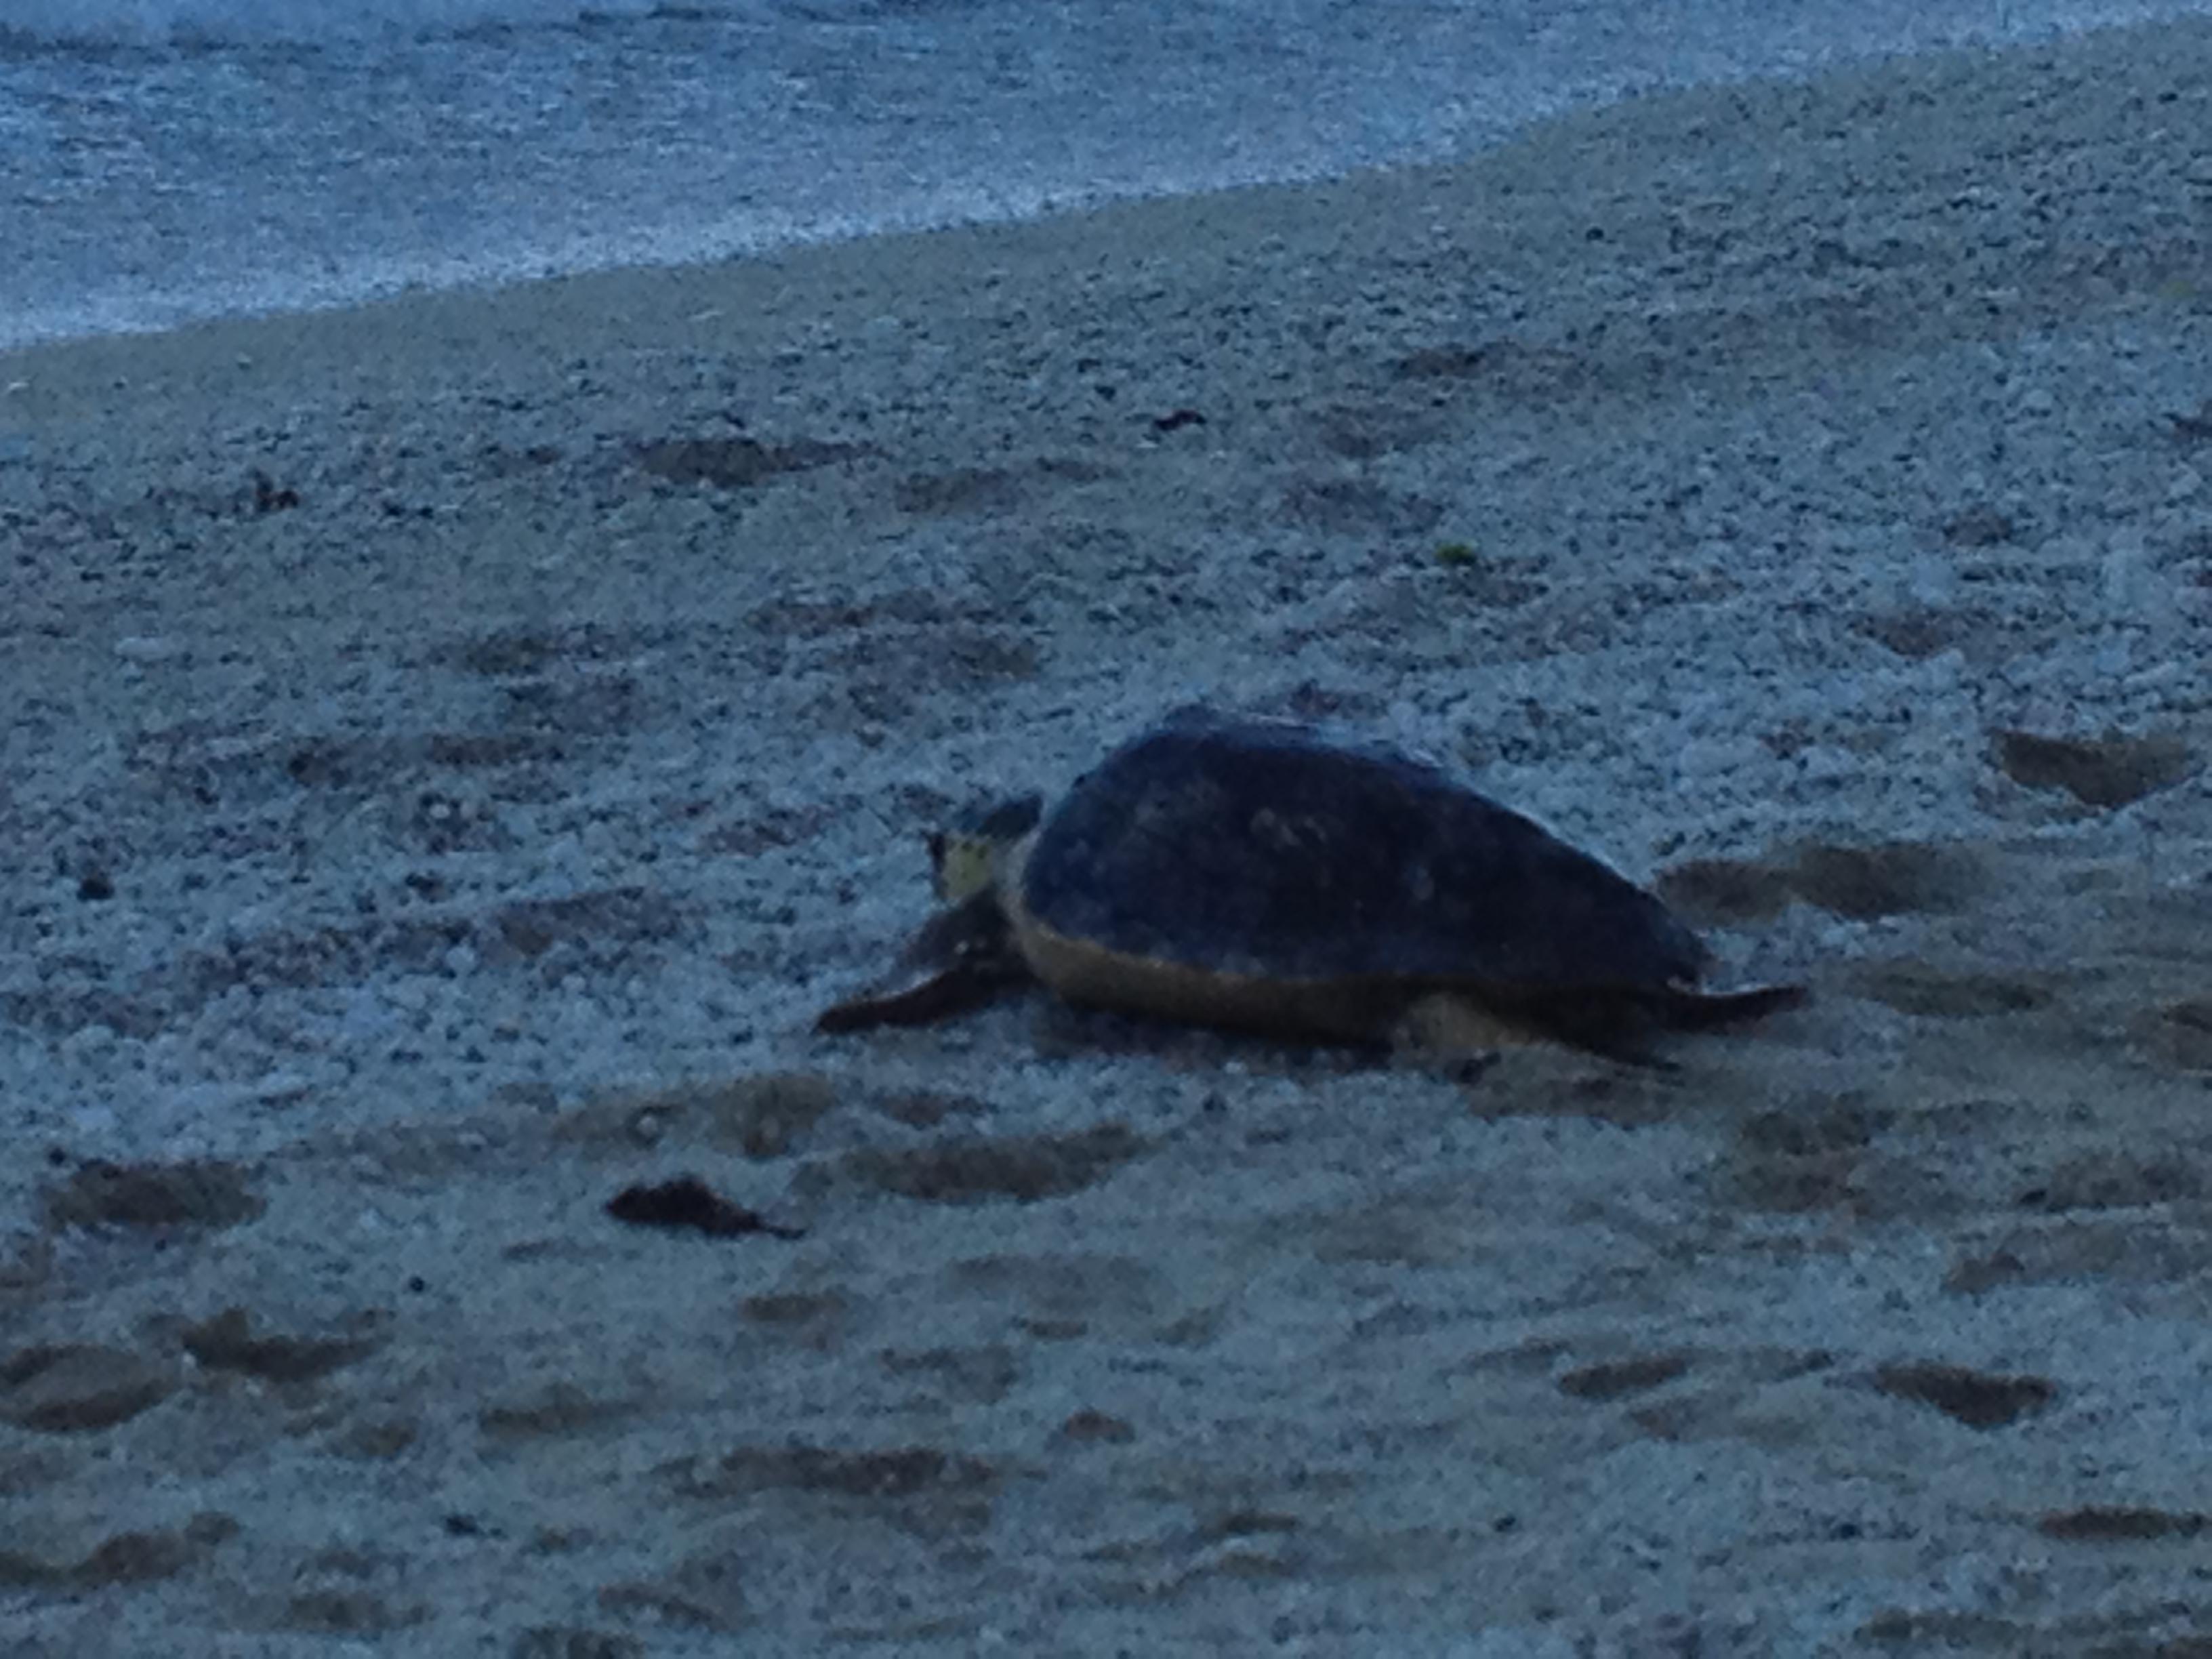 Liberazione della tartaruga marina